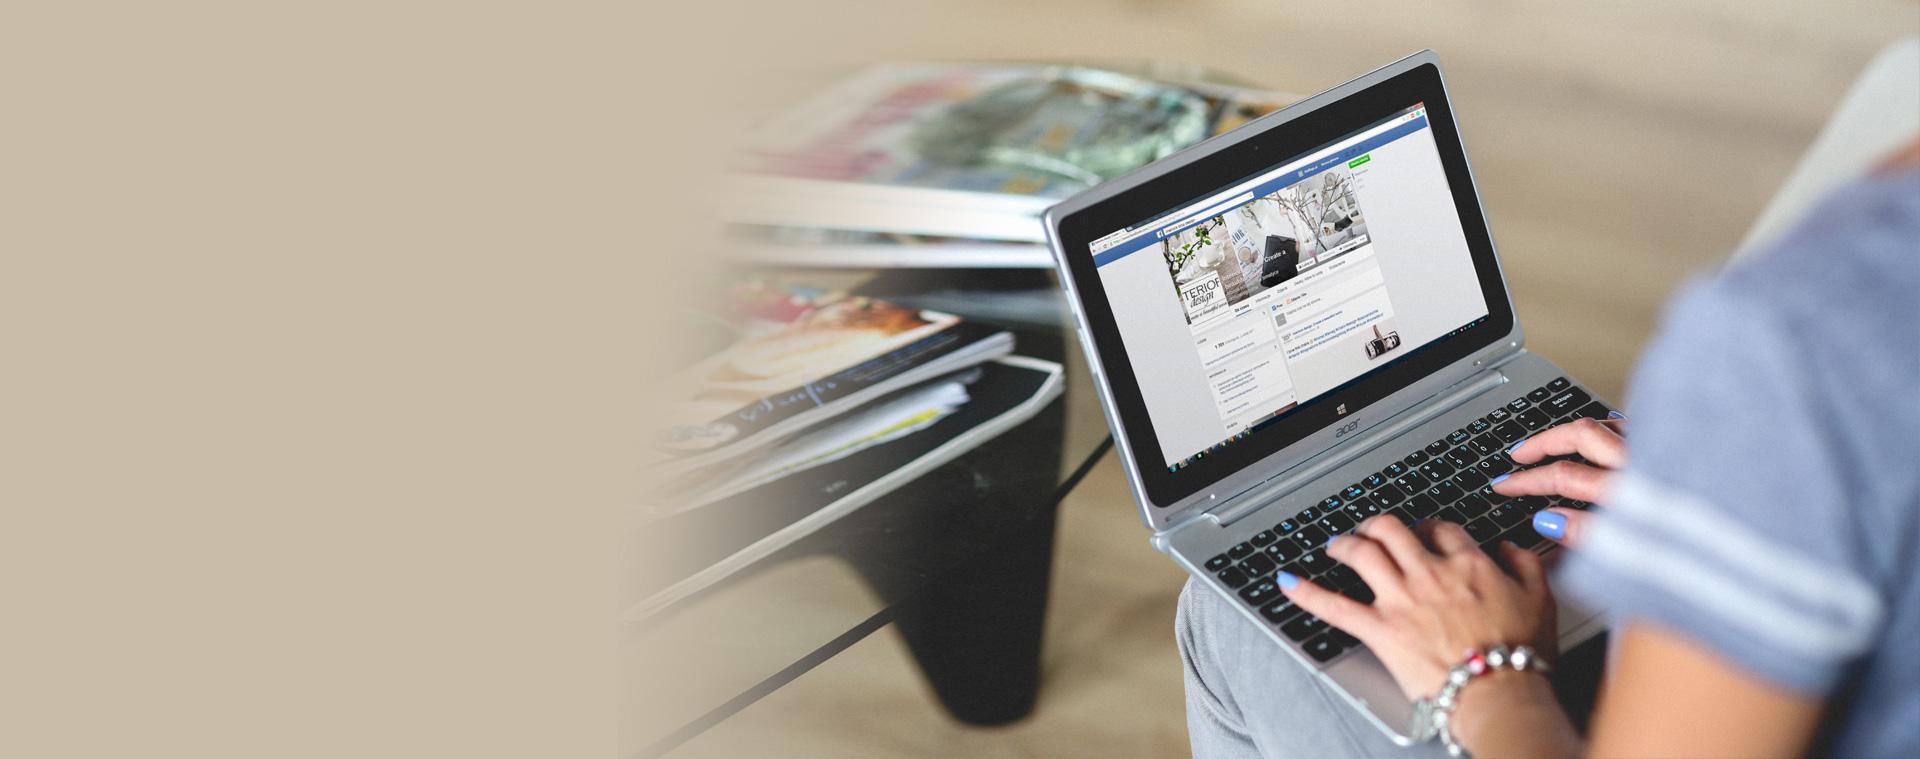 Facebook oglaševanje in komunikacija